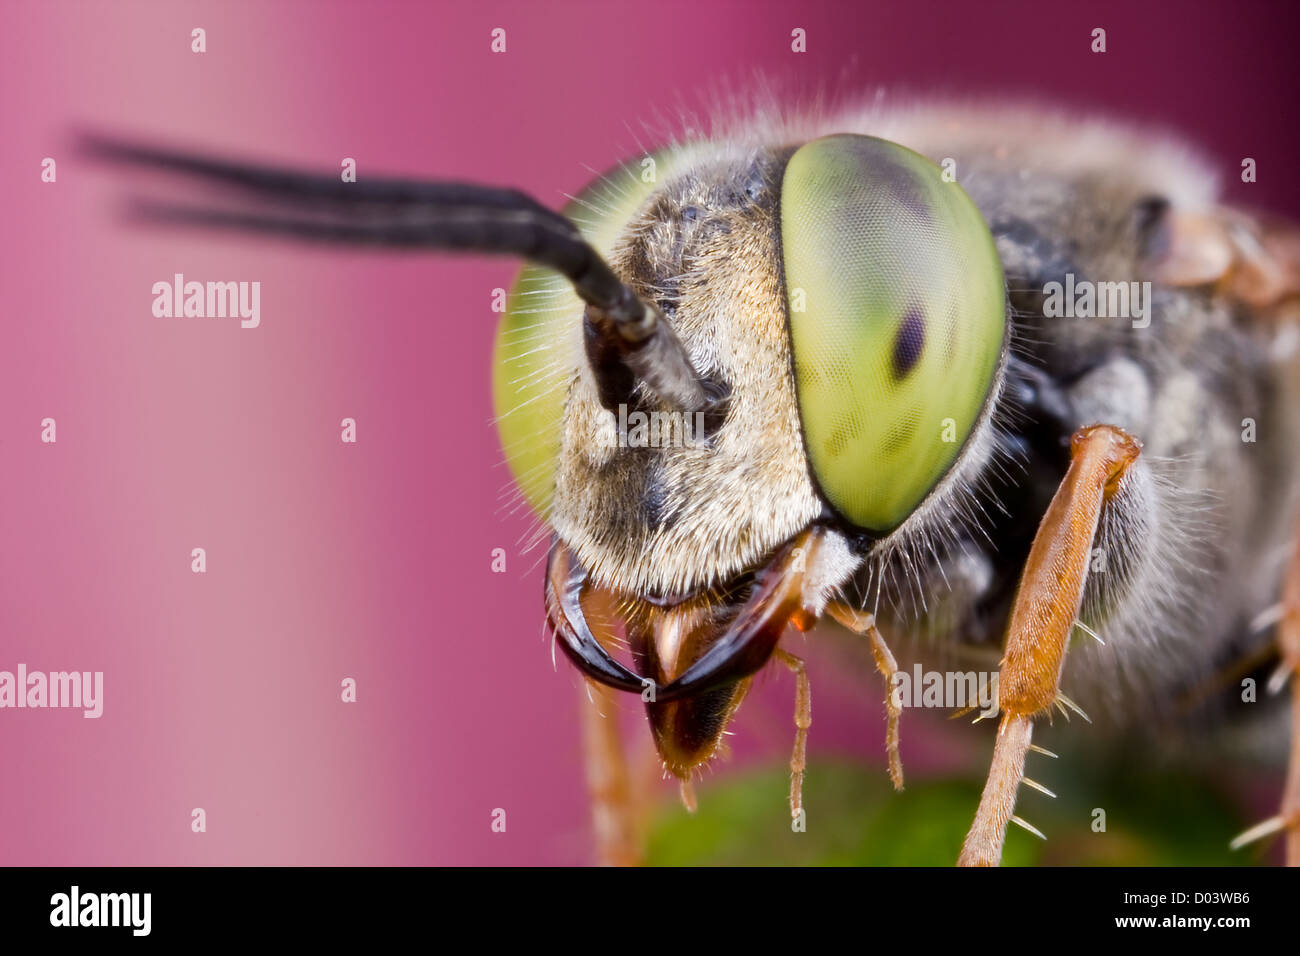 Portrait of a Larrinae wasp, family Crabronidae. Petaling Jaya, Malaysia - Stock Image